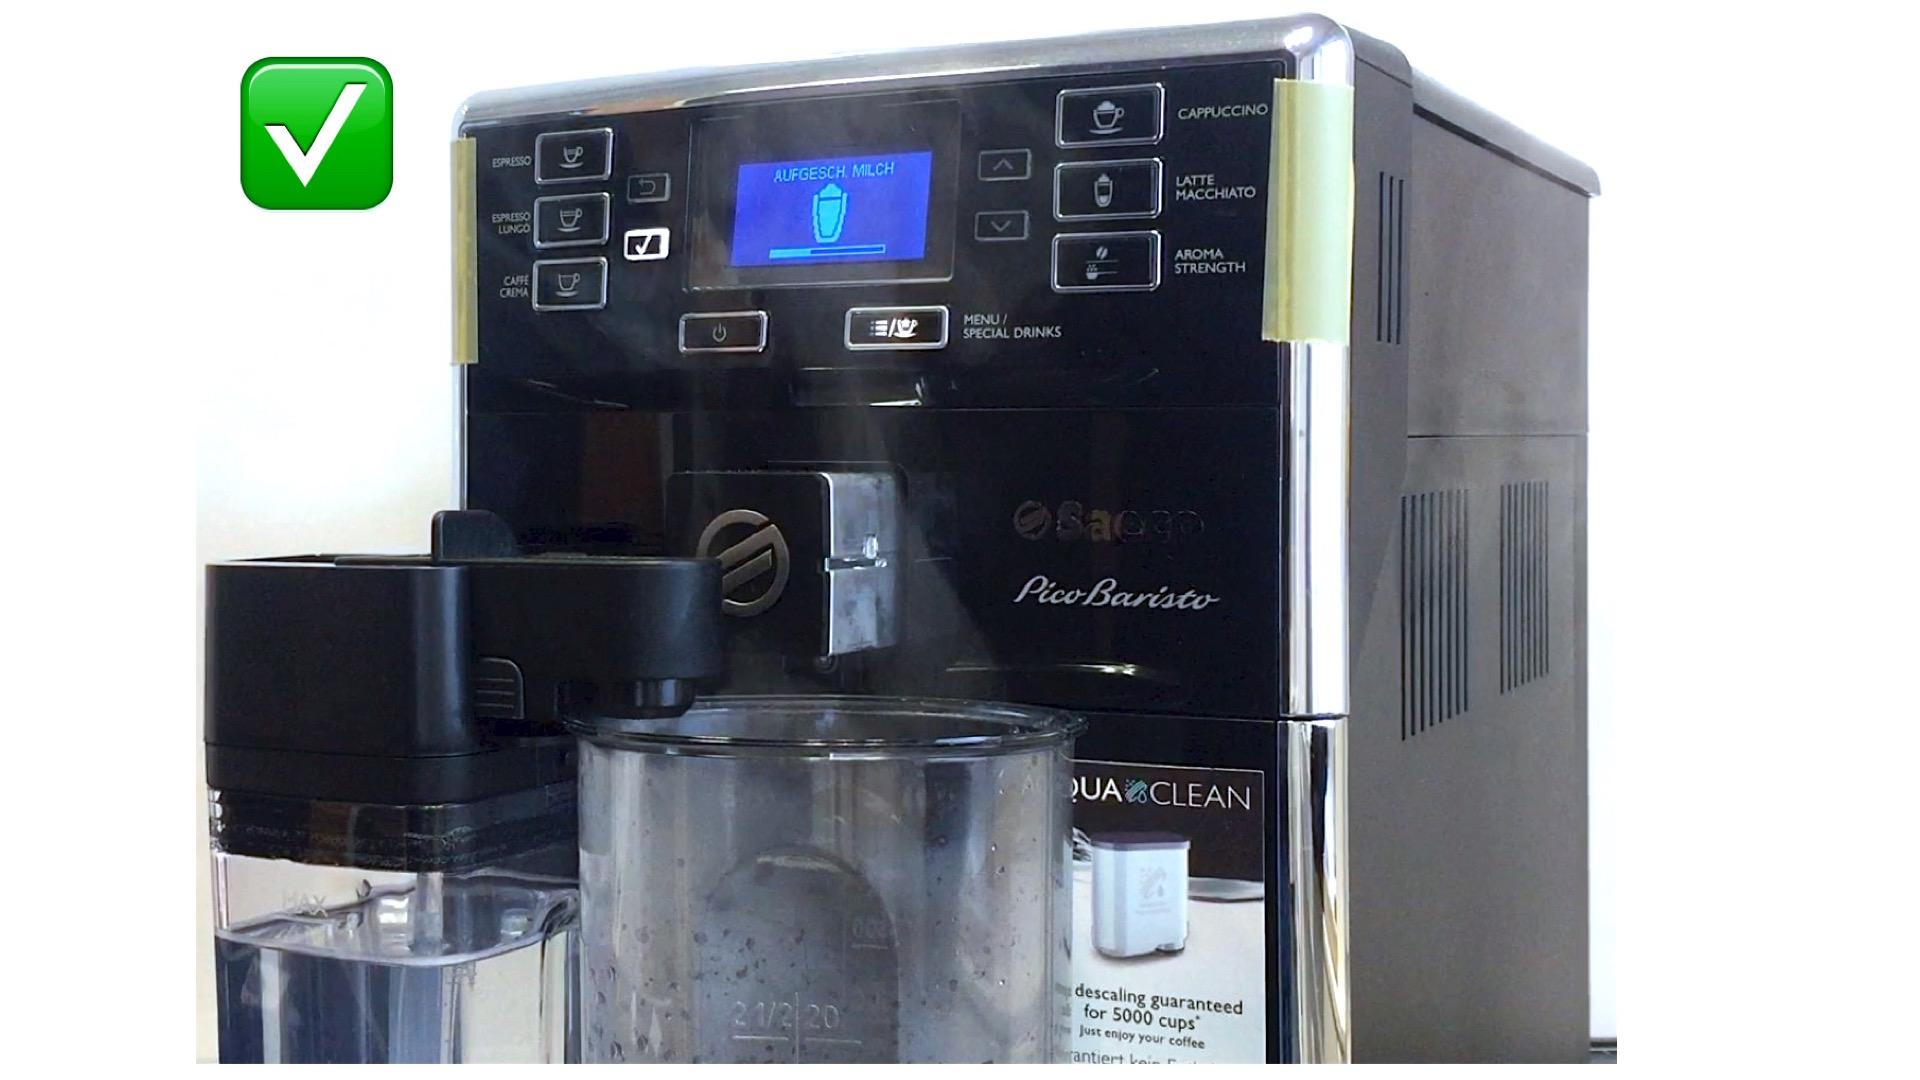 Aeg Kühlschrank Wasserfilter Wechseln Anleitung : Saeco picobaristo reinigung milchkanne anleitung